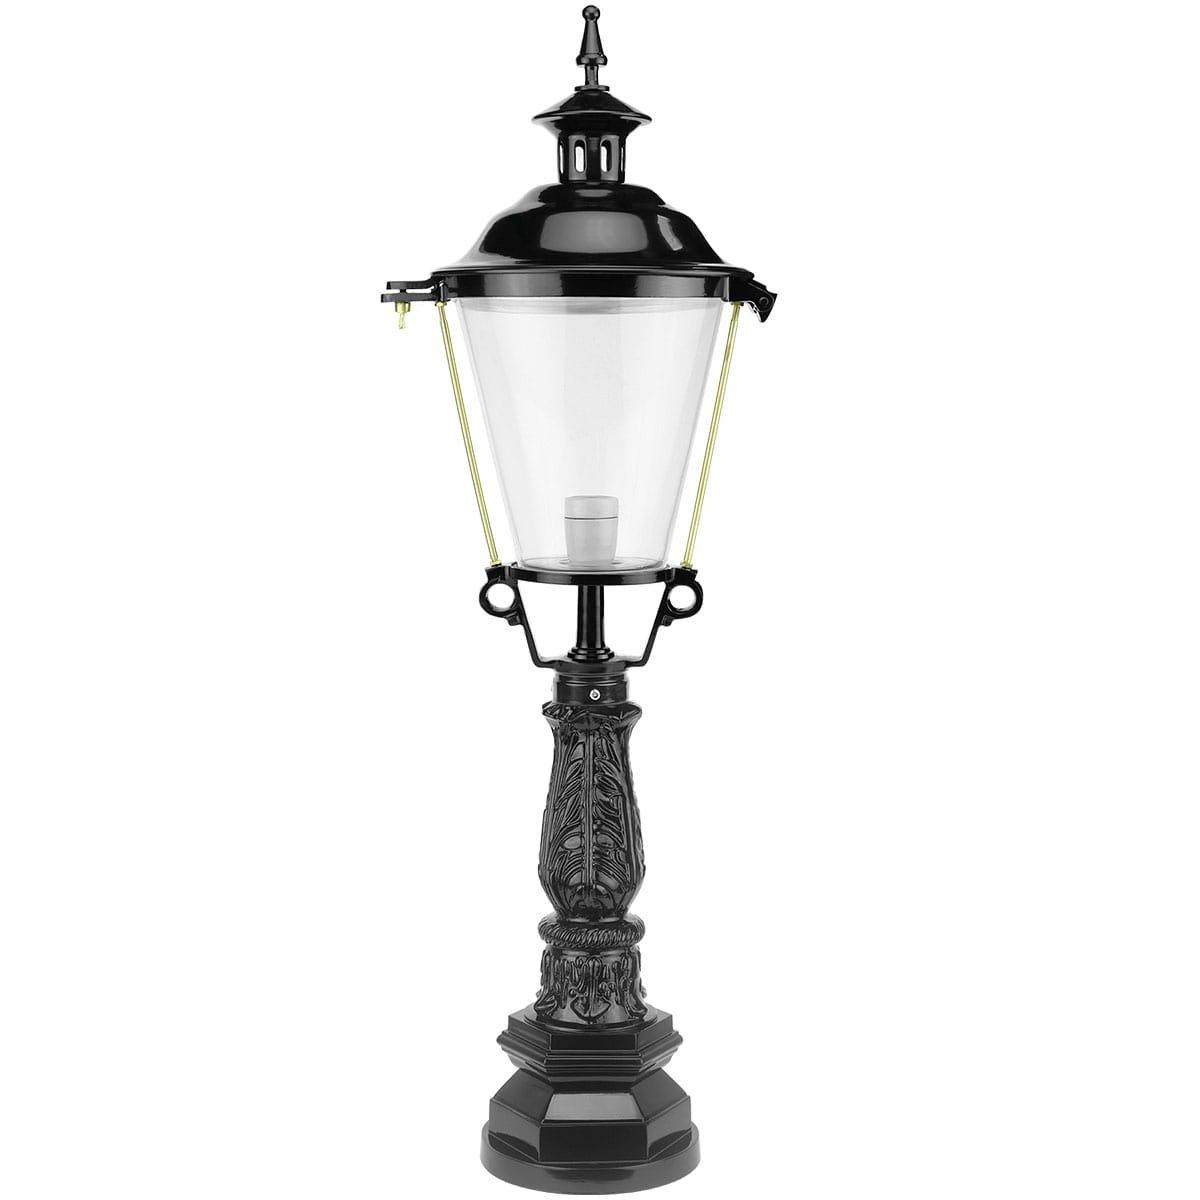 Außenbeleuchtung Klassisch Ländlich Laternenlampe rund Maartensdijk - 109 cm